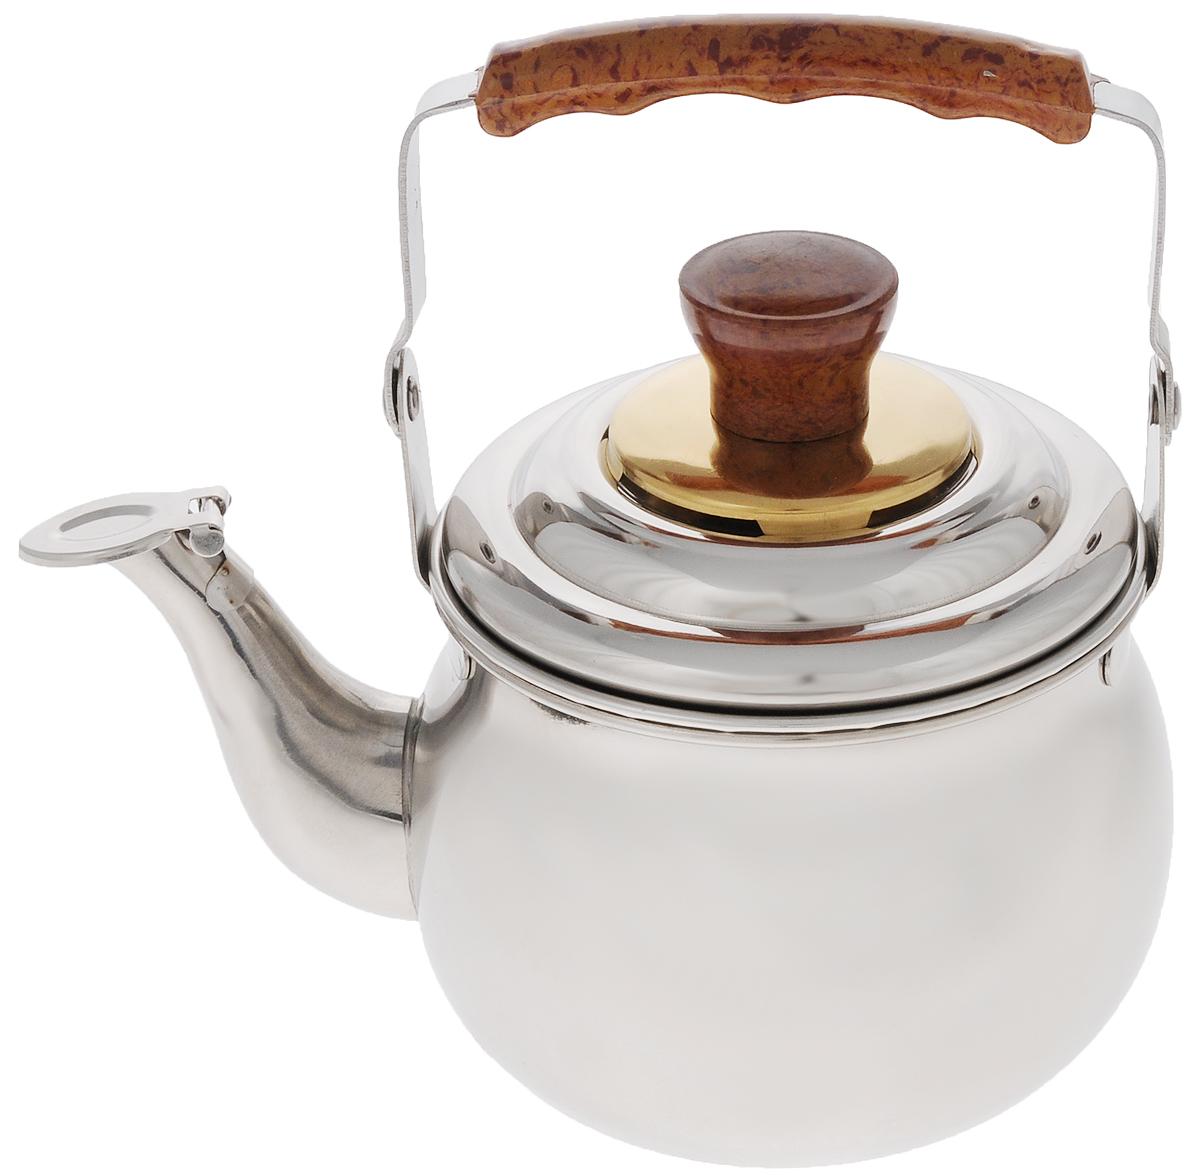 Чайник заварочный Mayer & Boch, со свистком, с фильтром, 700 мл23509Заварочный чайник Mayer & Boch выполнен из высококачественной нержавеющей стали, что обеспечивает долговечность использования. Эргономичная подвижная ручка из бакелита, декорированная под дерево, делает использование чайника очень удобным и безопасным. Чайник снабжен съемным фильтром для чая и свистком, который подскажет, когда вода закипела. В таком чайнике очень удобно готовить заварку прямо на газу. Подходит для использования на электрических, газовых, стеклокерамических плитах. Можно мыть в посудомоечной машине.Диаметр чайника (по верхнему краю): 10,5 см.Высота чайника (без учета ручки и крышки): 8 см.Высота фильтра: 4,5 см. УВАЖАЕМЫЕ КЛИЕНТЫ! Обращаем ваше внимание, что объем чайника измерен по факту, с учетом максимального наполнения до кромки.